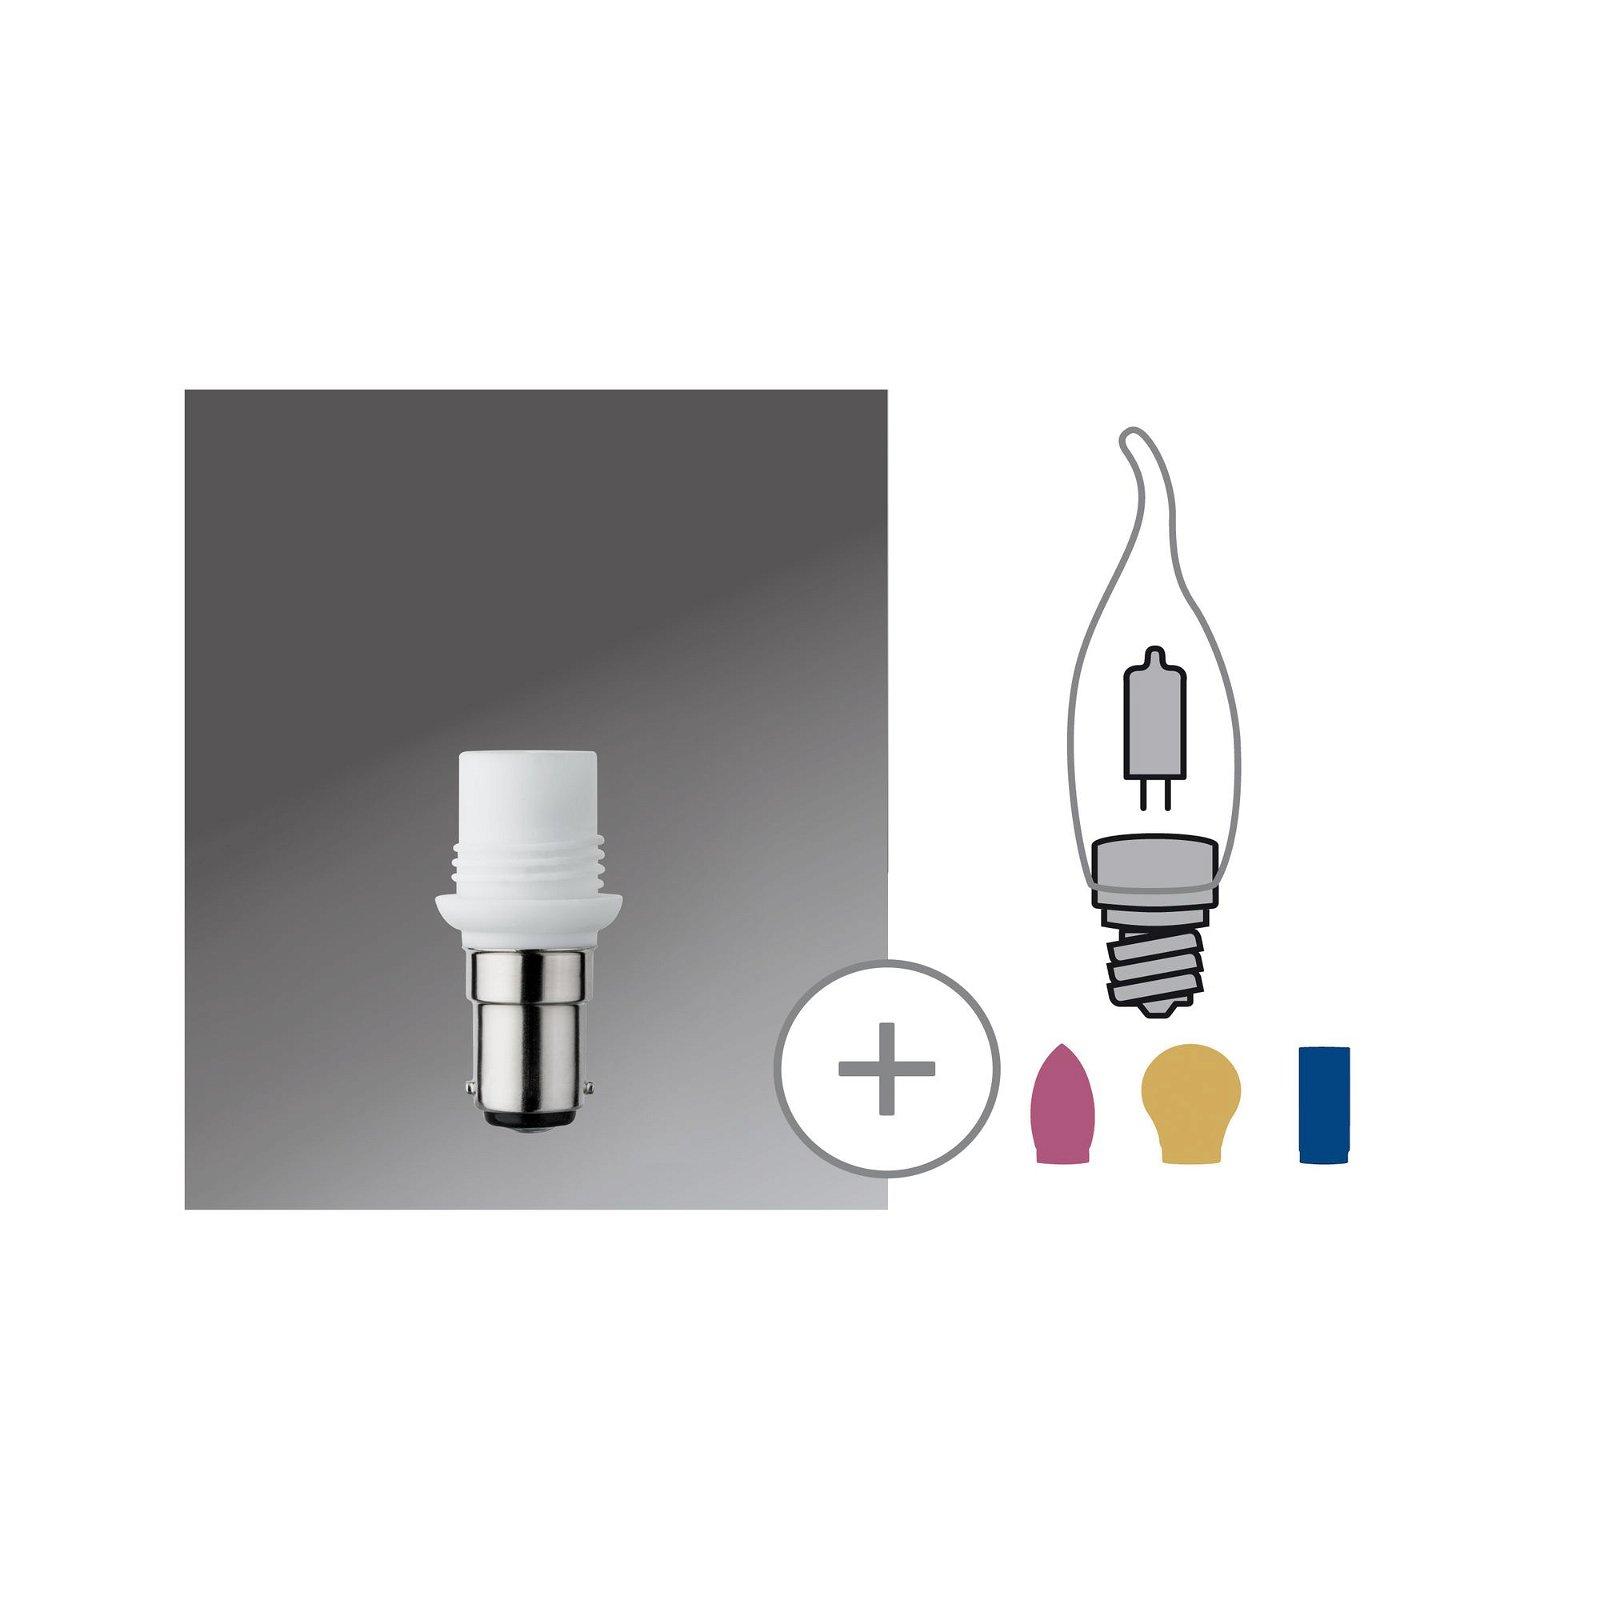 Leuchtmitteladapter G9 / B15d max. 75W Weiß